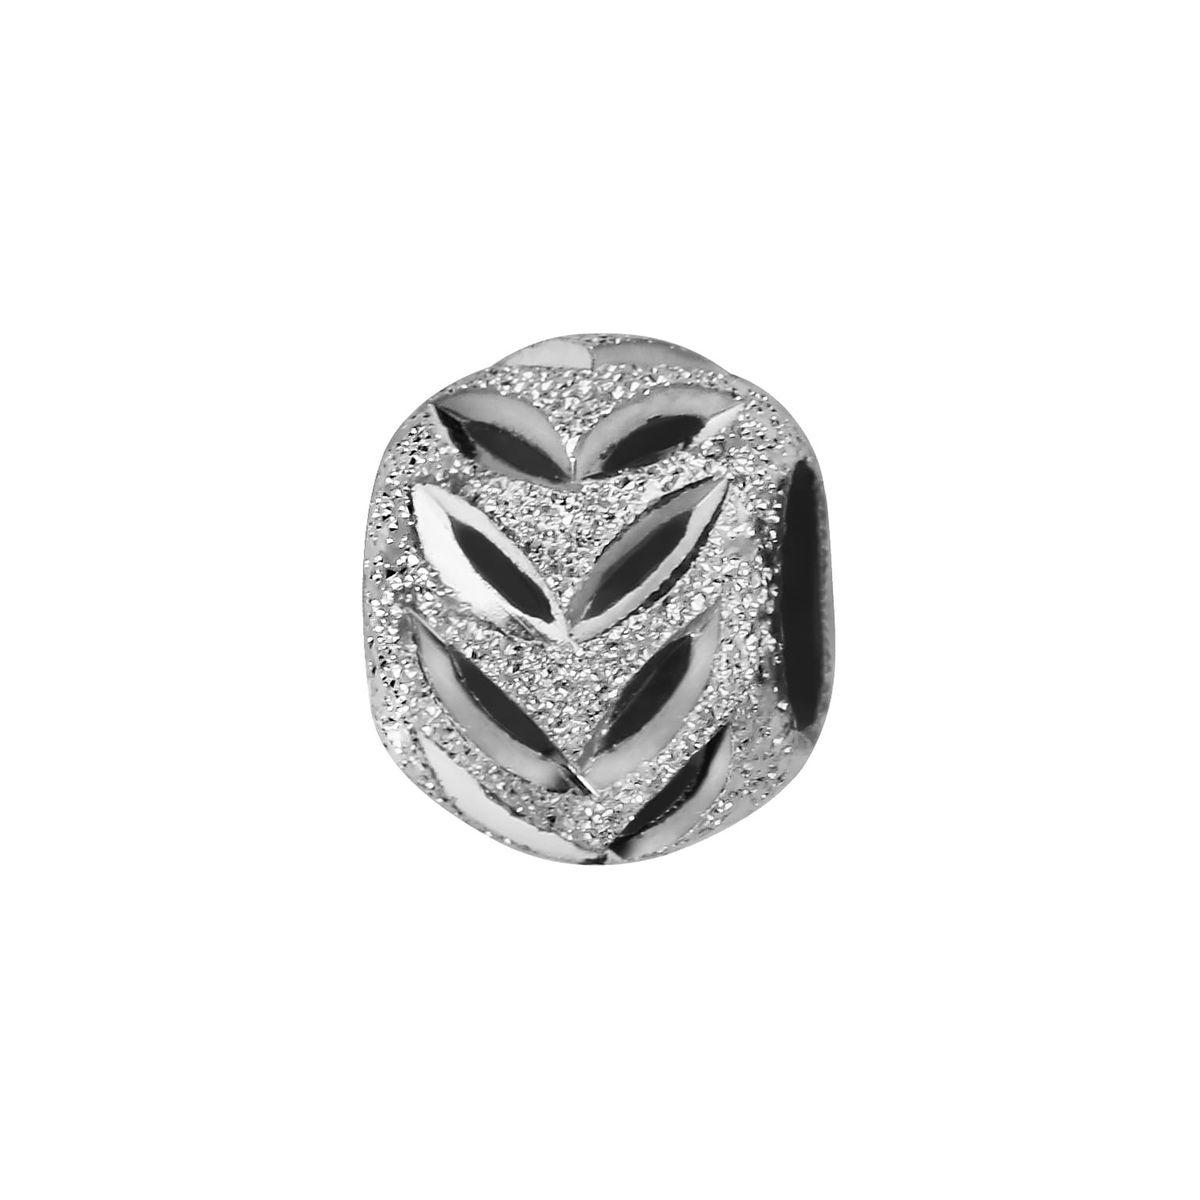 Charm Boule Feuilles Argent 925 - Compatible Pandora, Trollbeads, Chamilia, Biagi